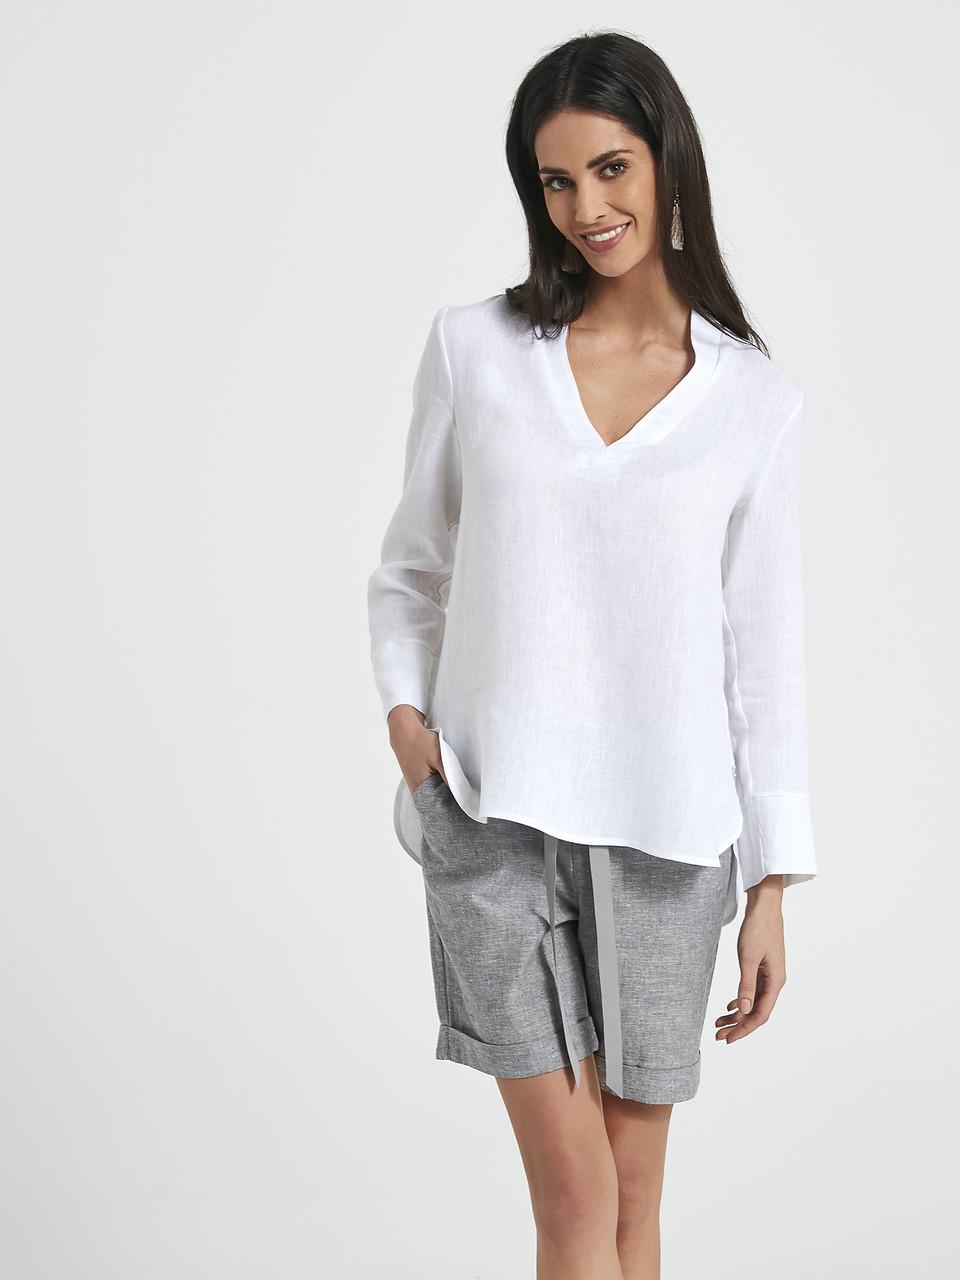 75b2c357f83 Женская рубашка белого цвета из льна. Модель 250005 Enny